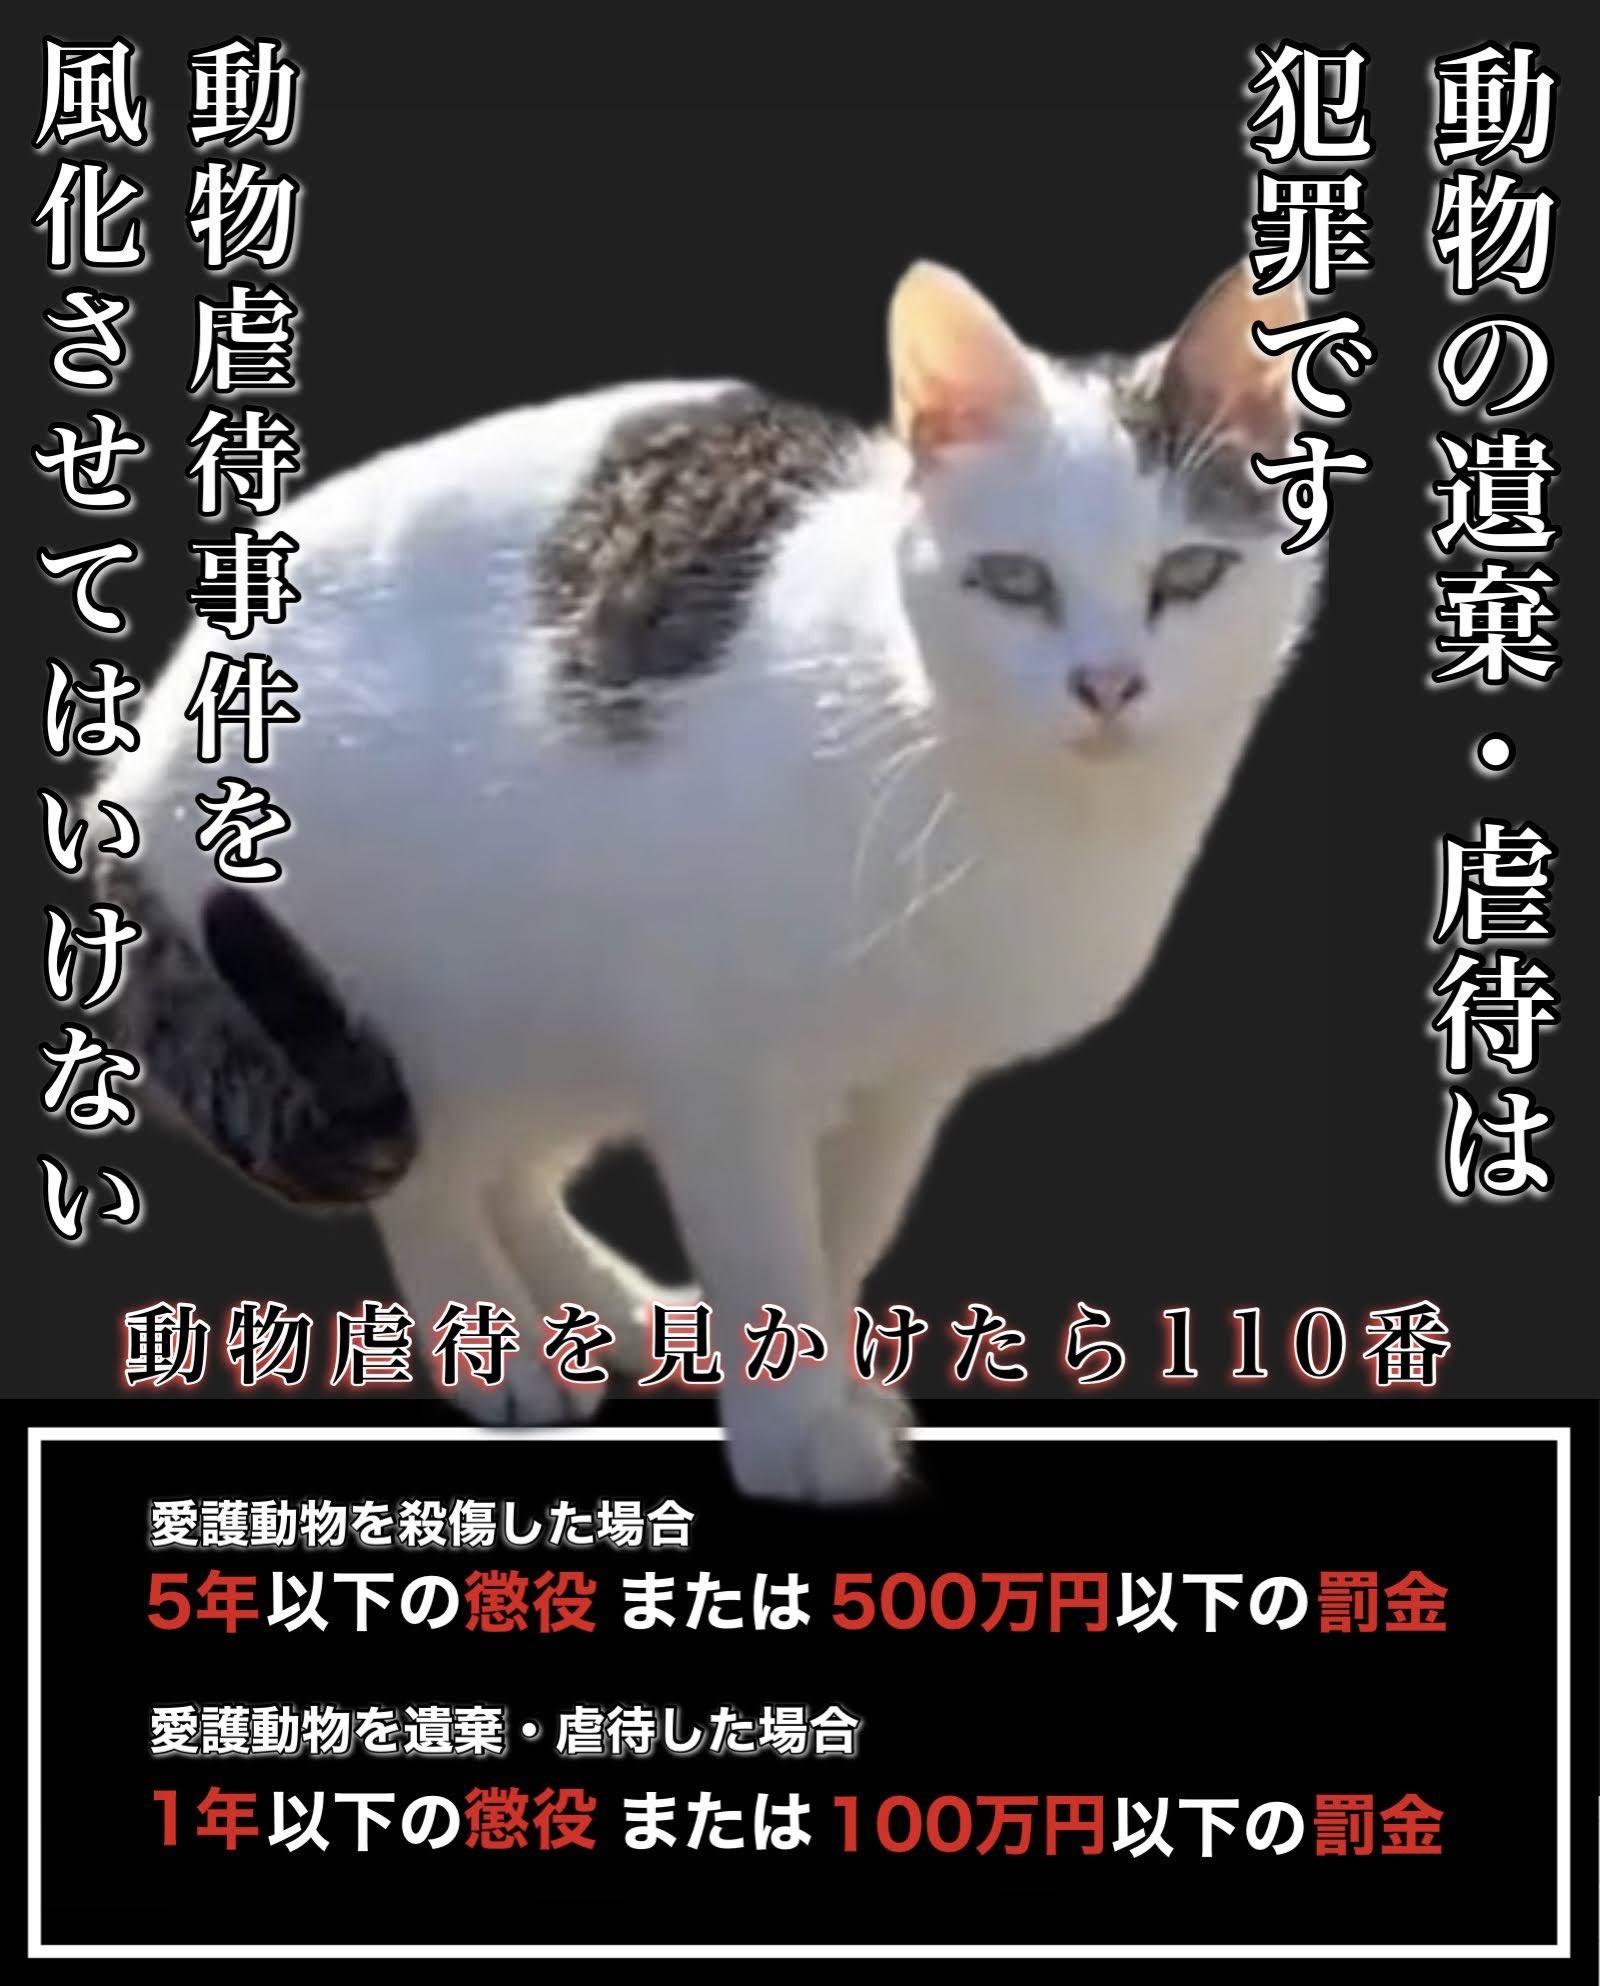 heiwanomori